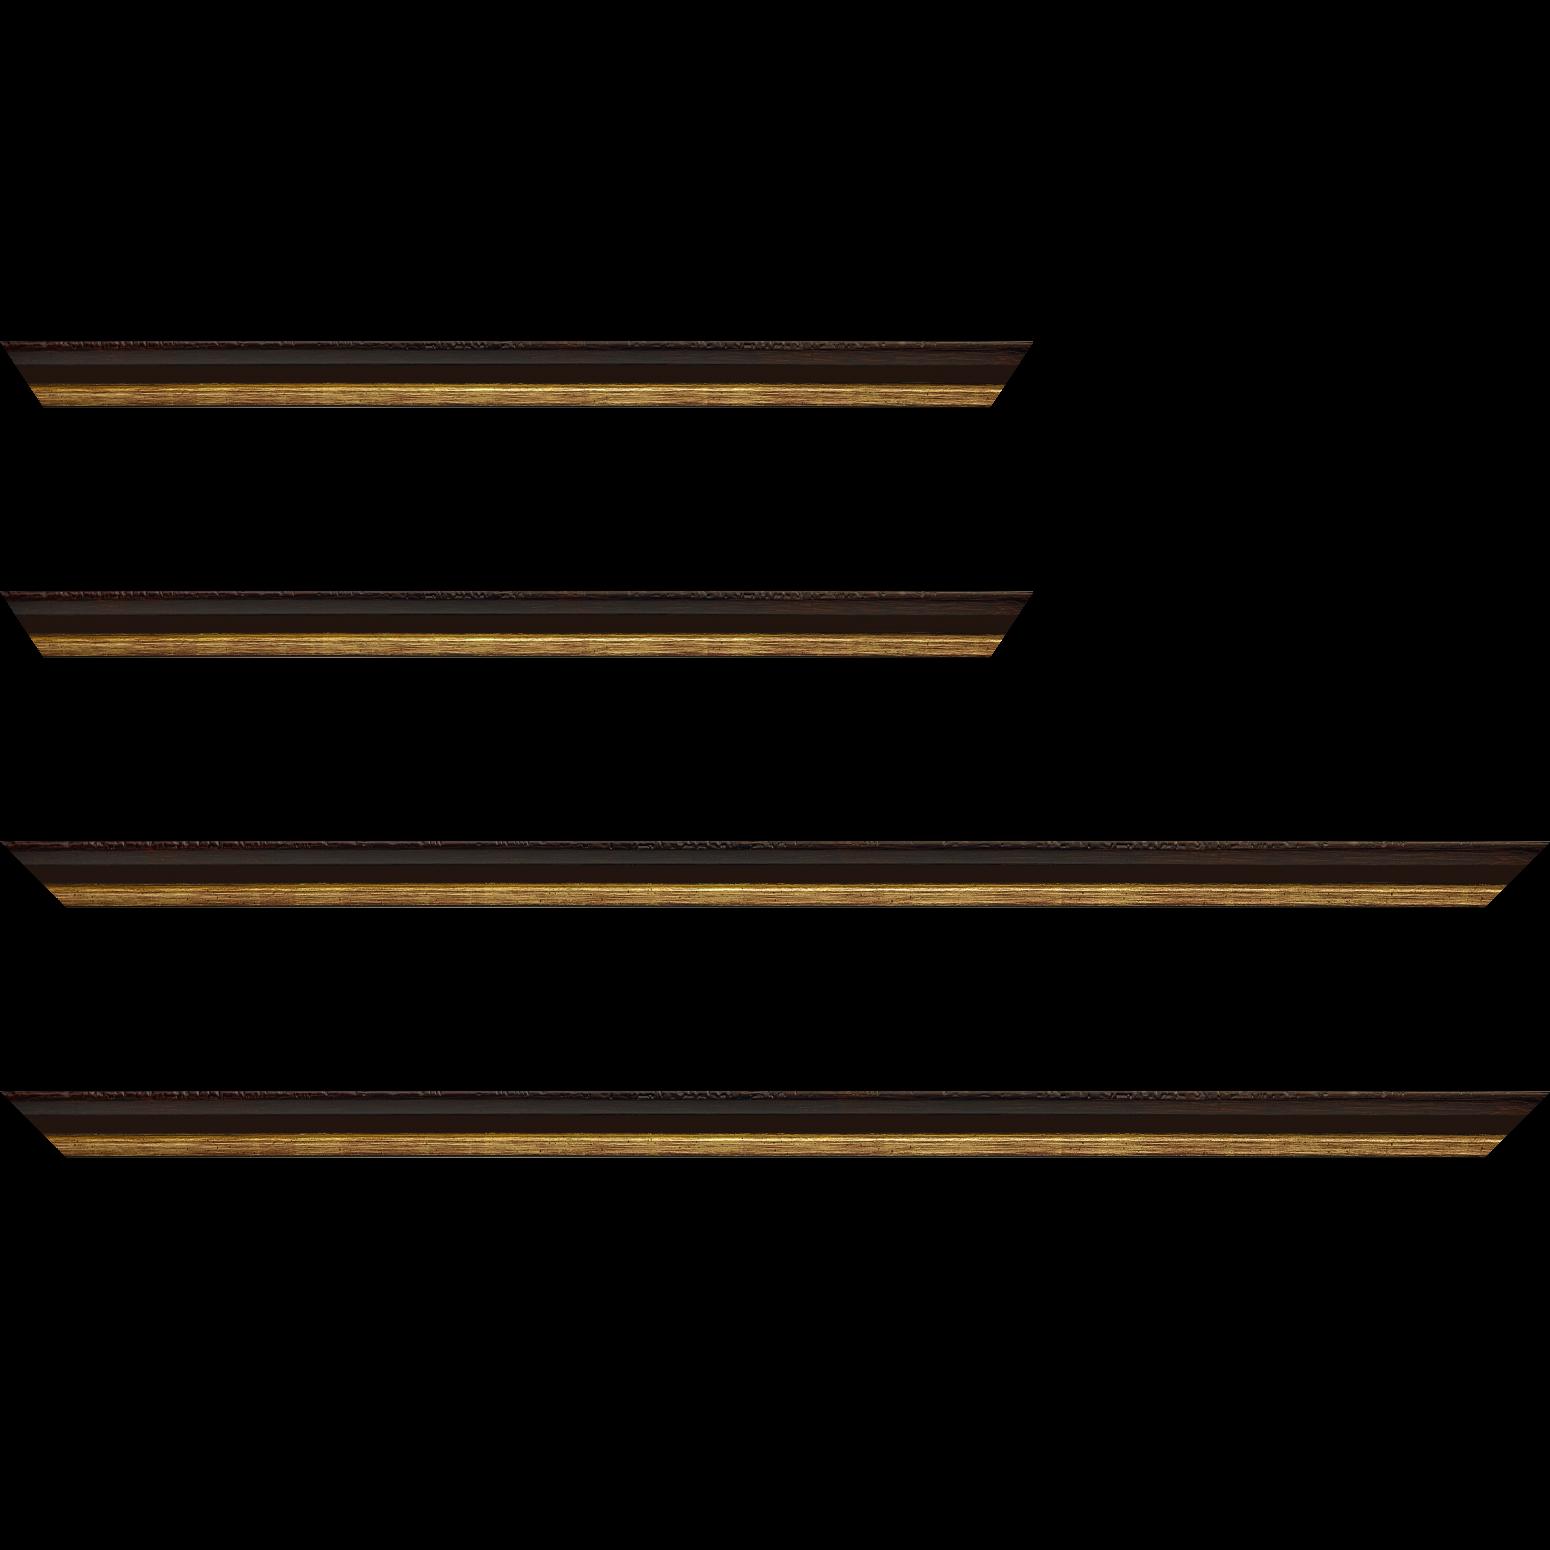 Baguette service précoupé Bois profil incurvé largeur 2cm noir lie de vin très foncé de finition antique filet or